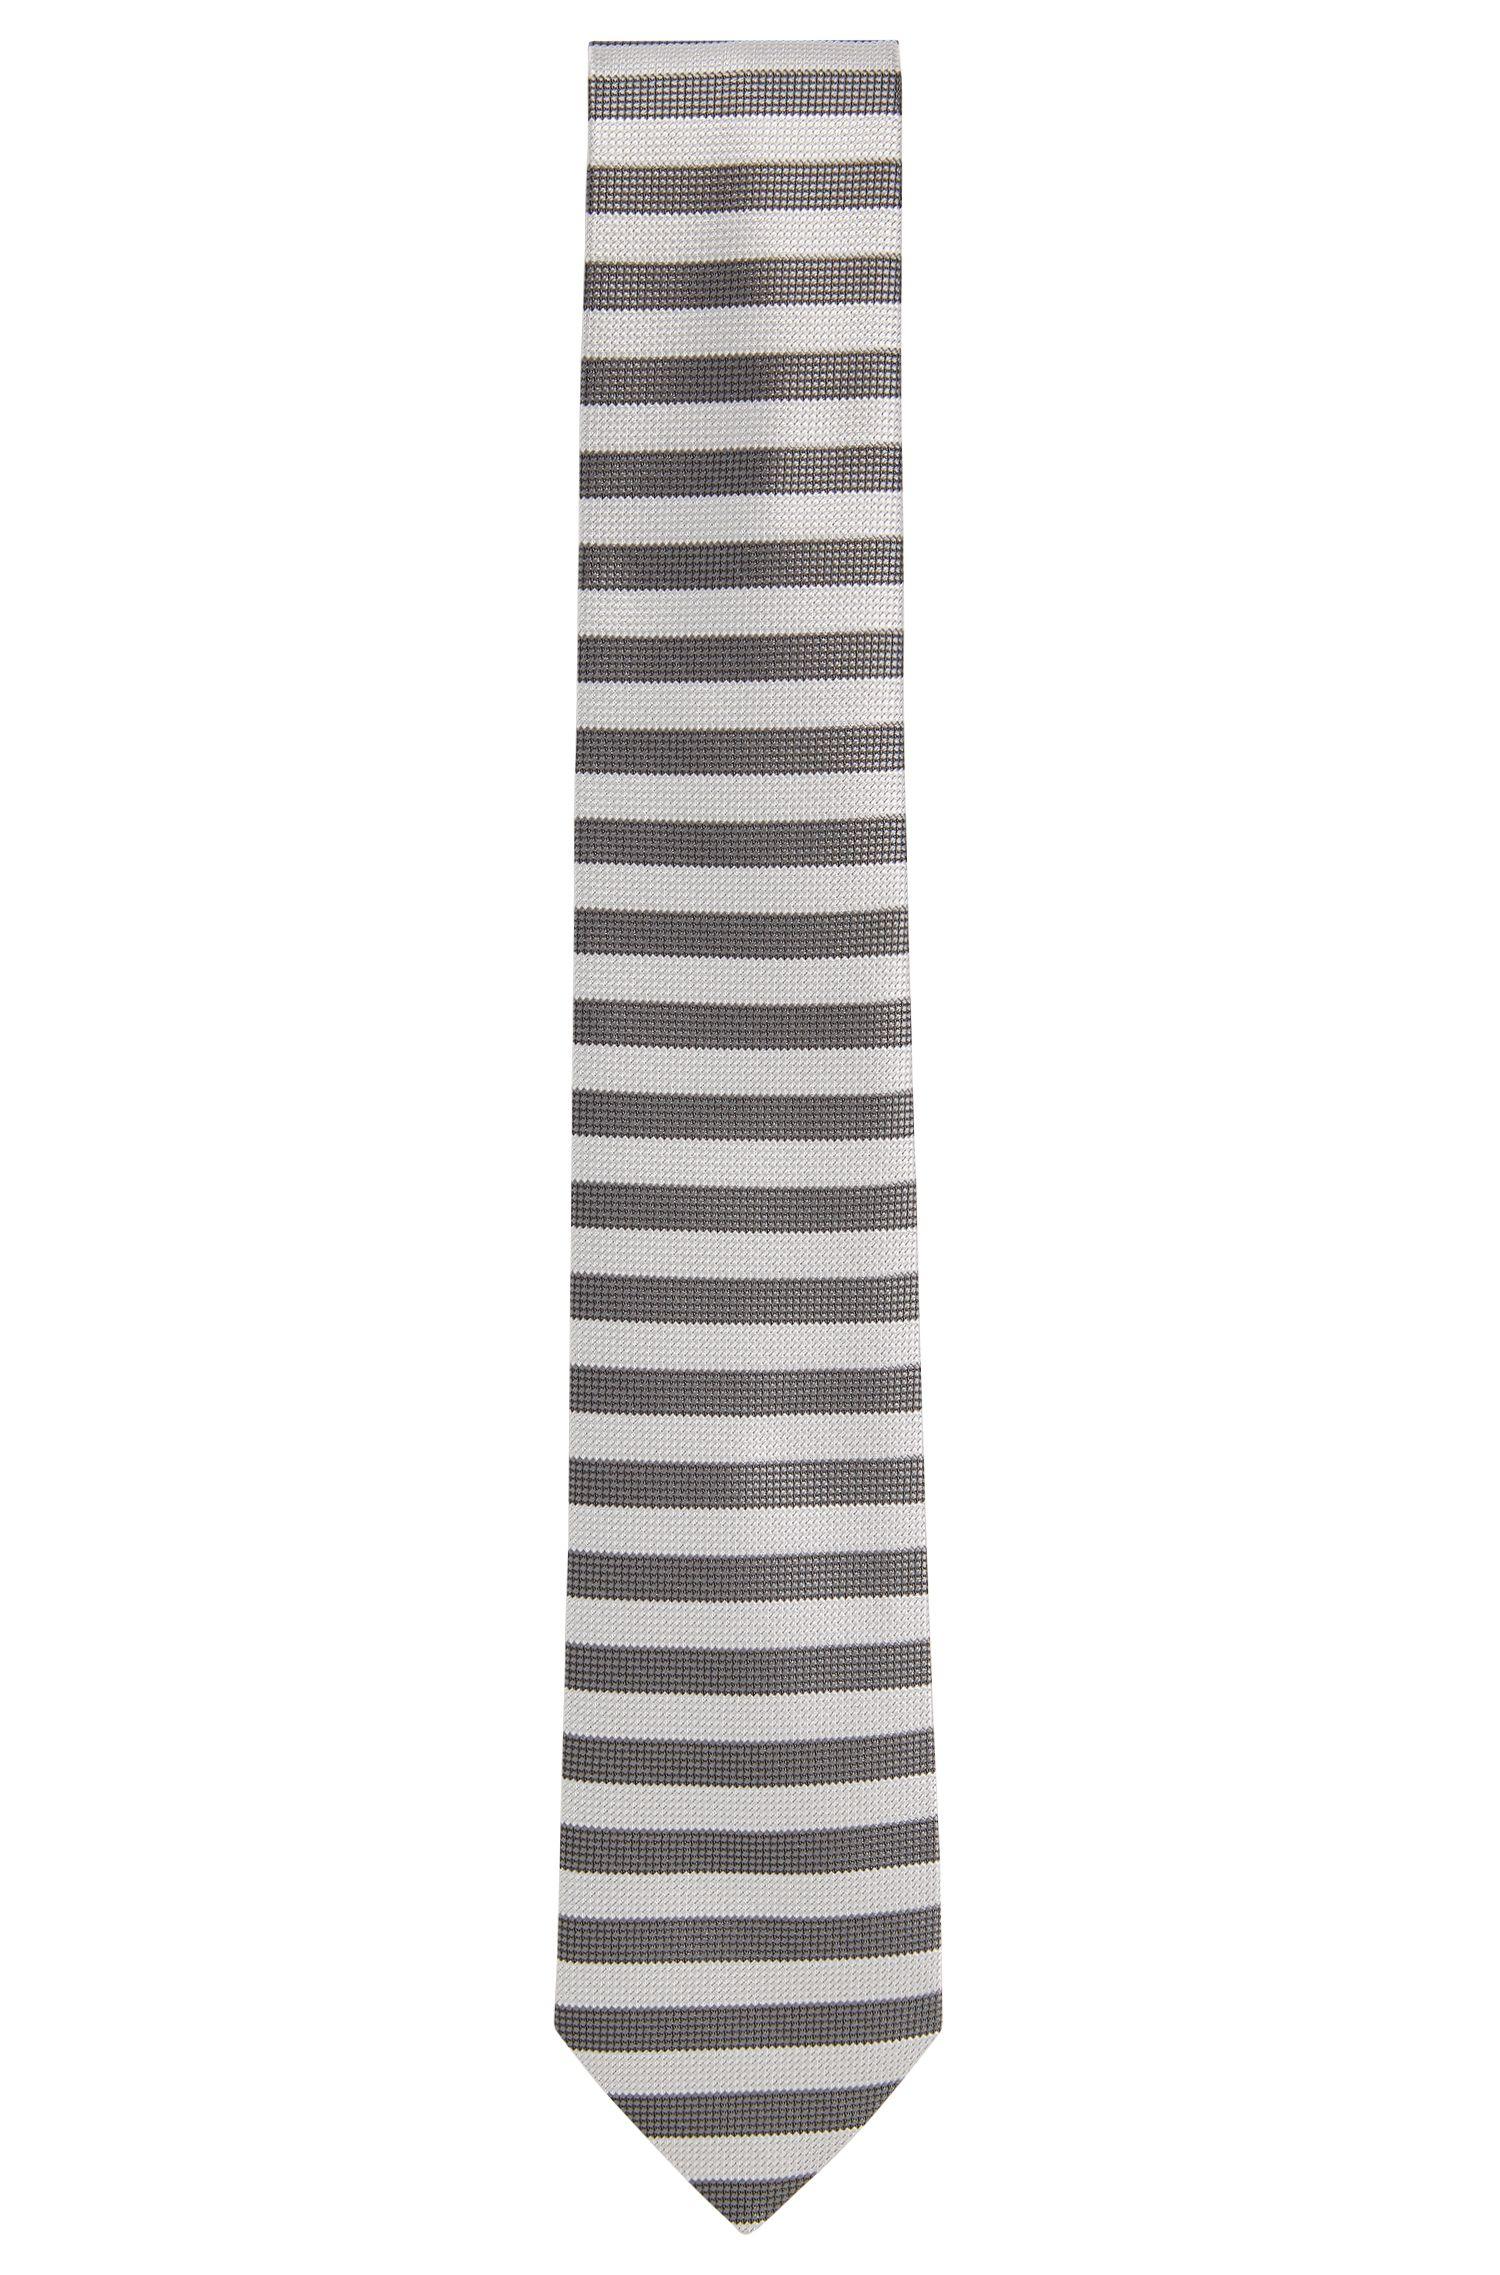 Cravatta jacquard in seta con disegni a contrasto